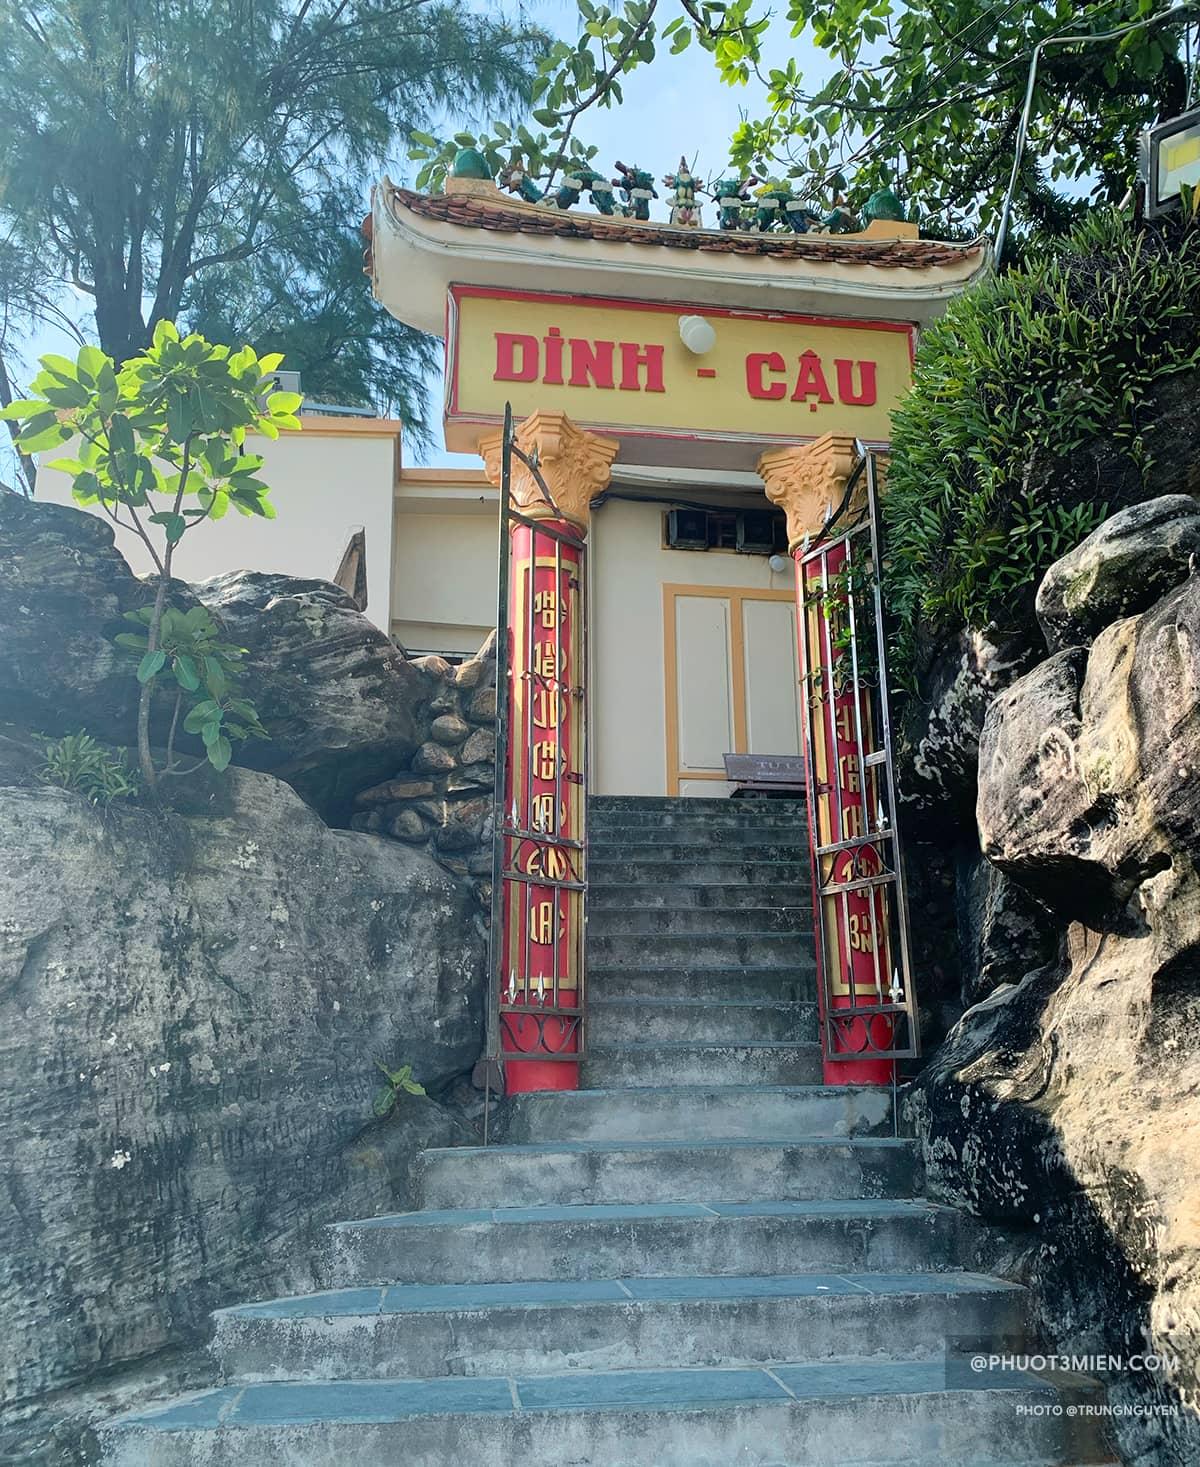 Bước những bậc thang để lên Dinh